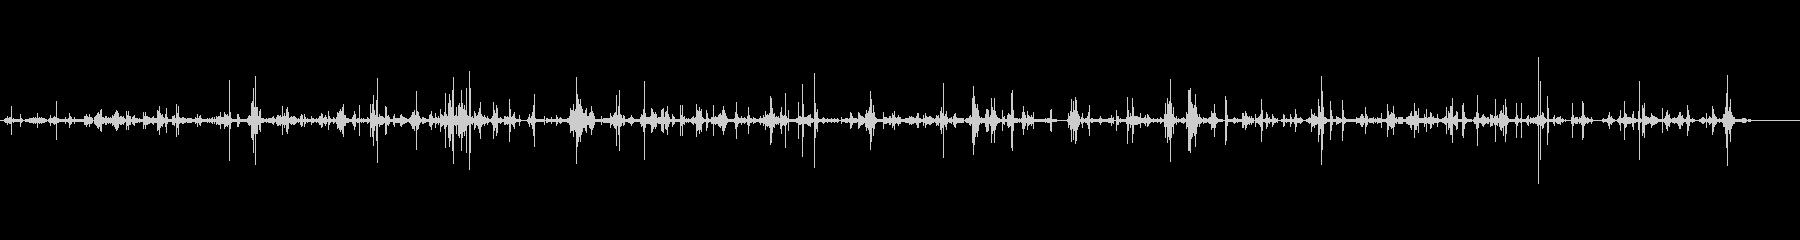 マネー-フリップスタックの未再生の波形